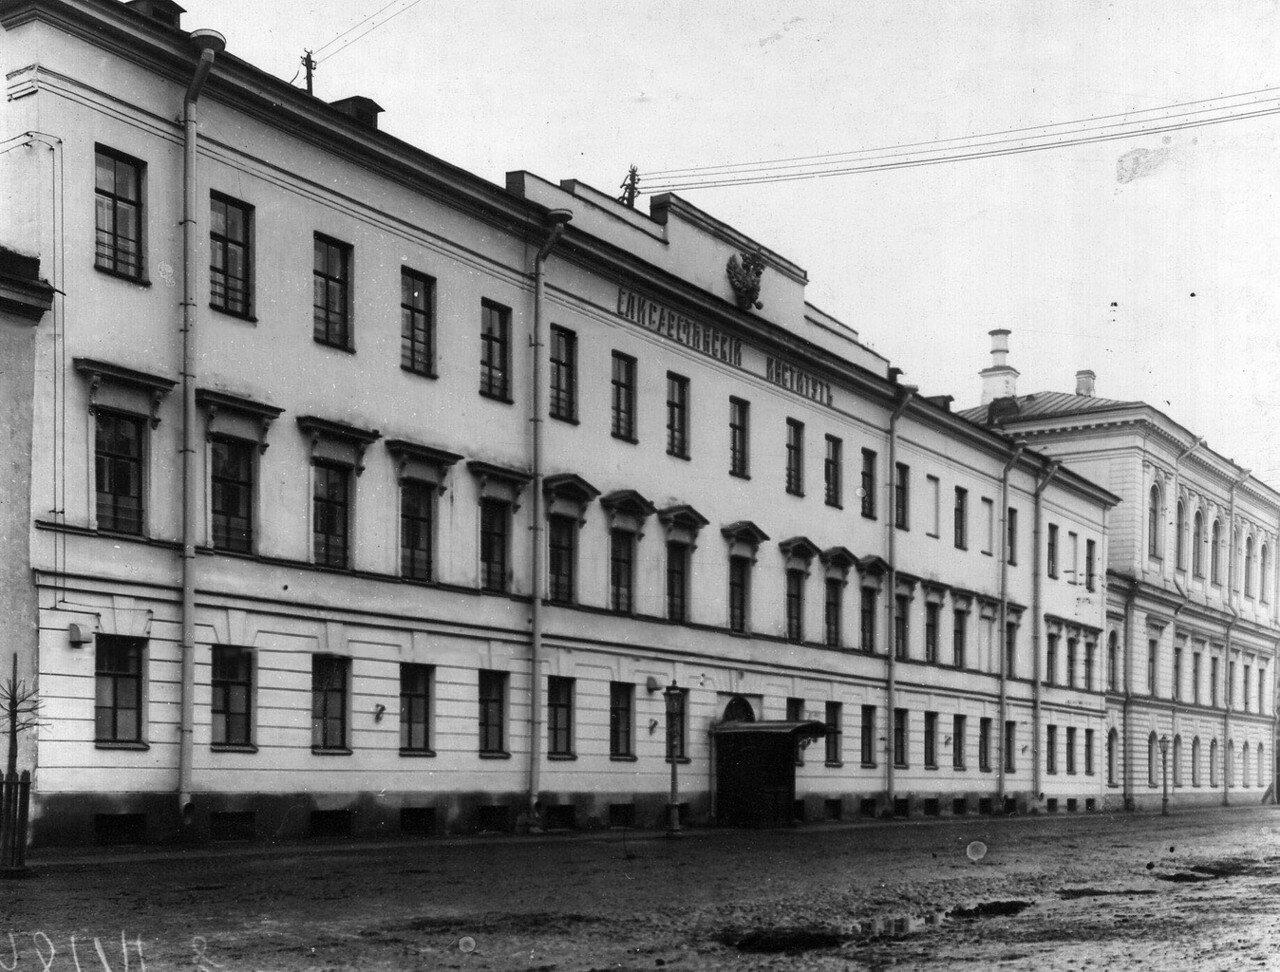 01. Фасад здания института (арх. А.Штауберт, 1827-1828 гг)